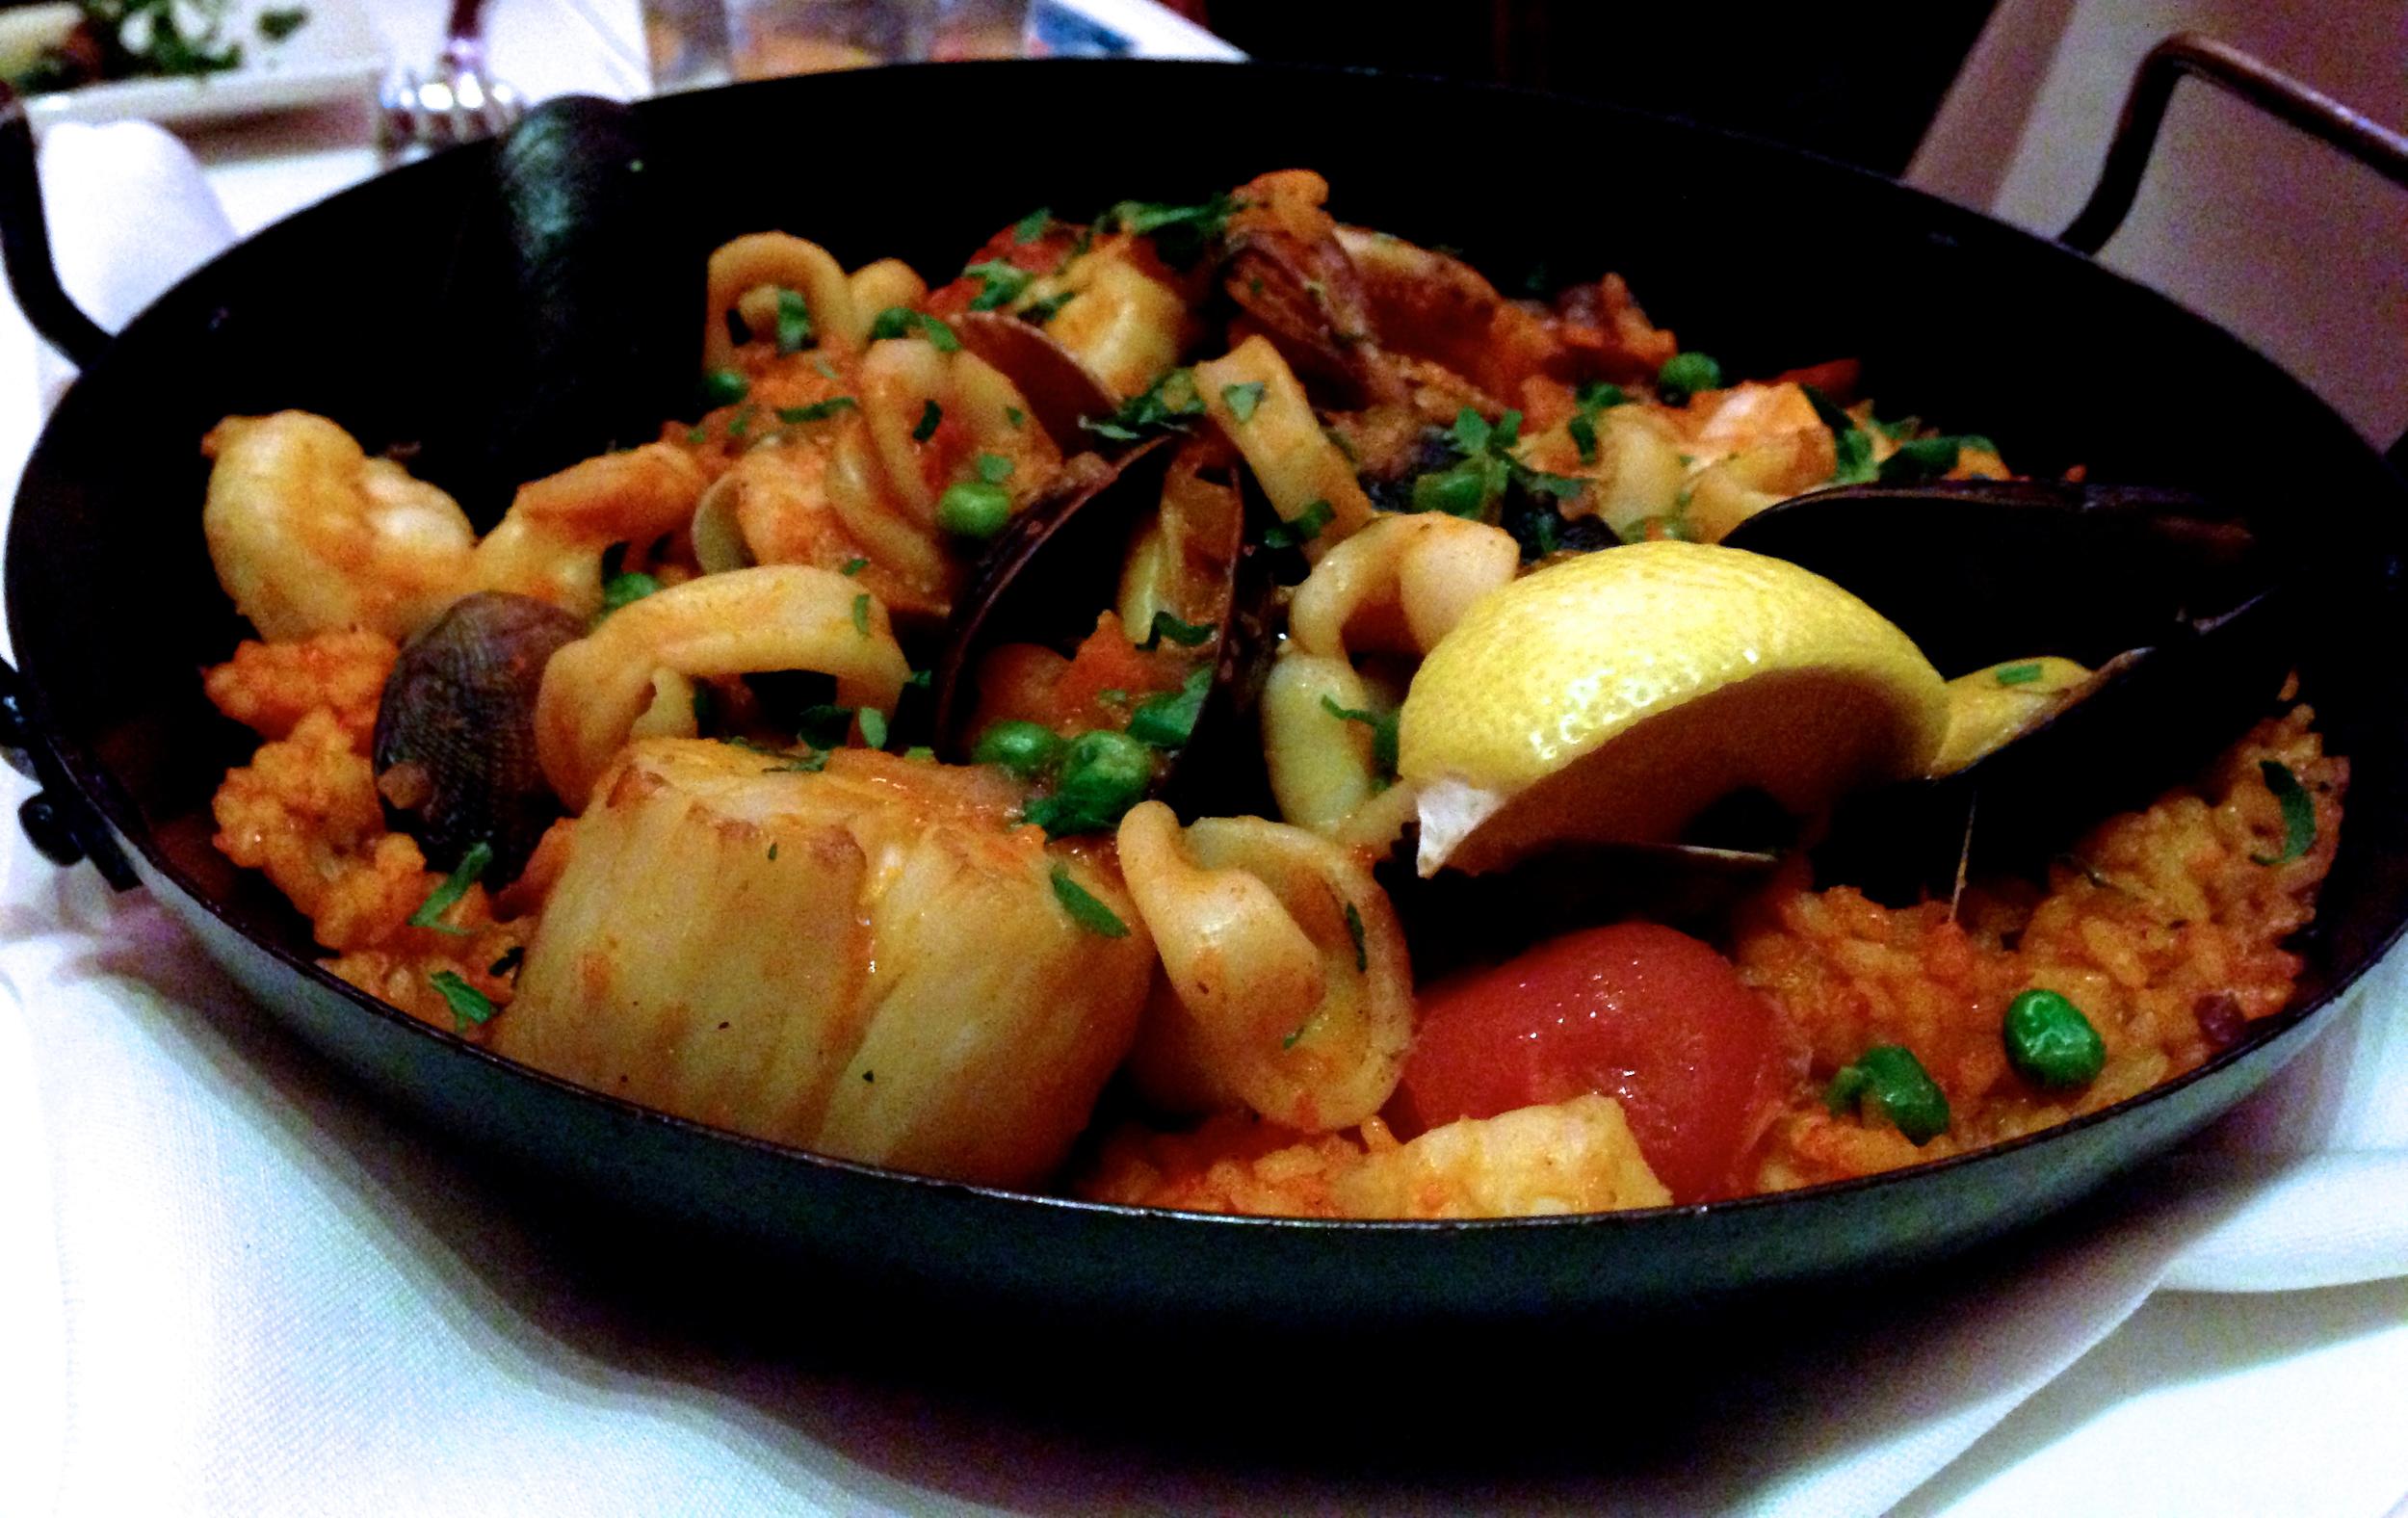 Figure 6. Seafood paella